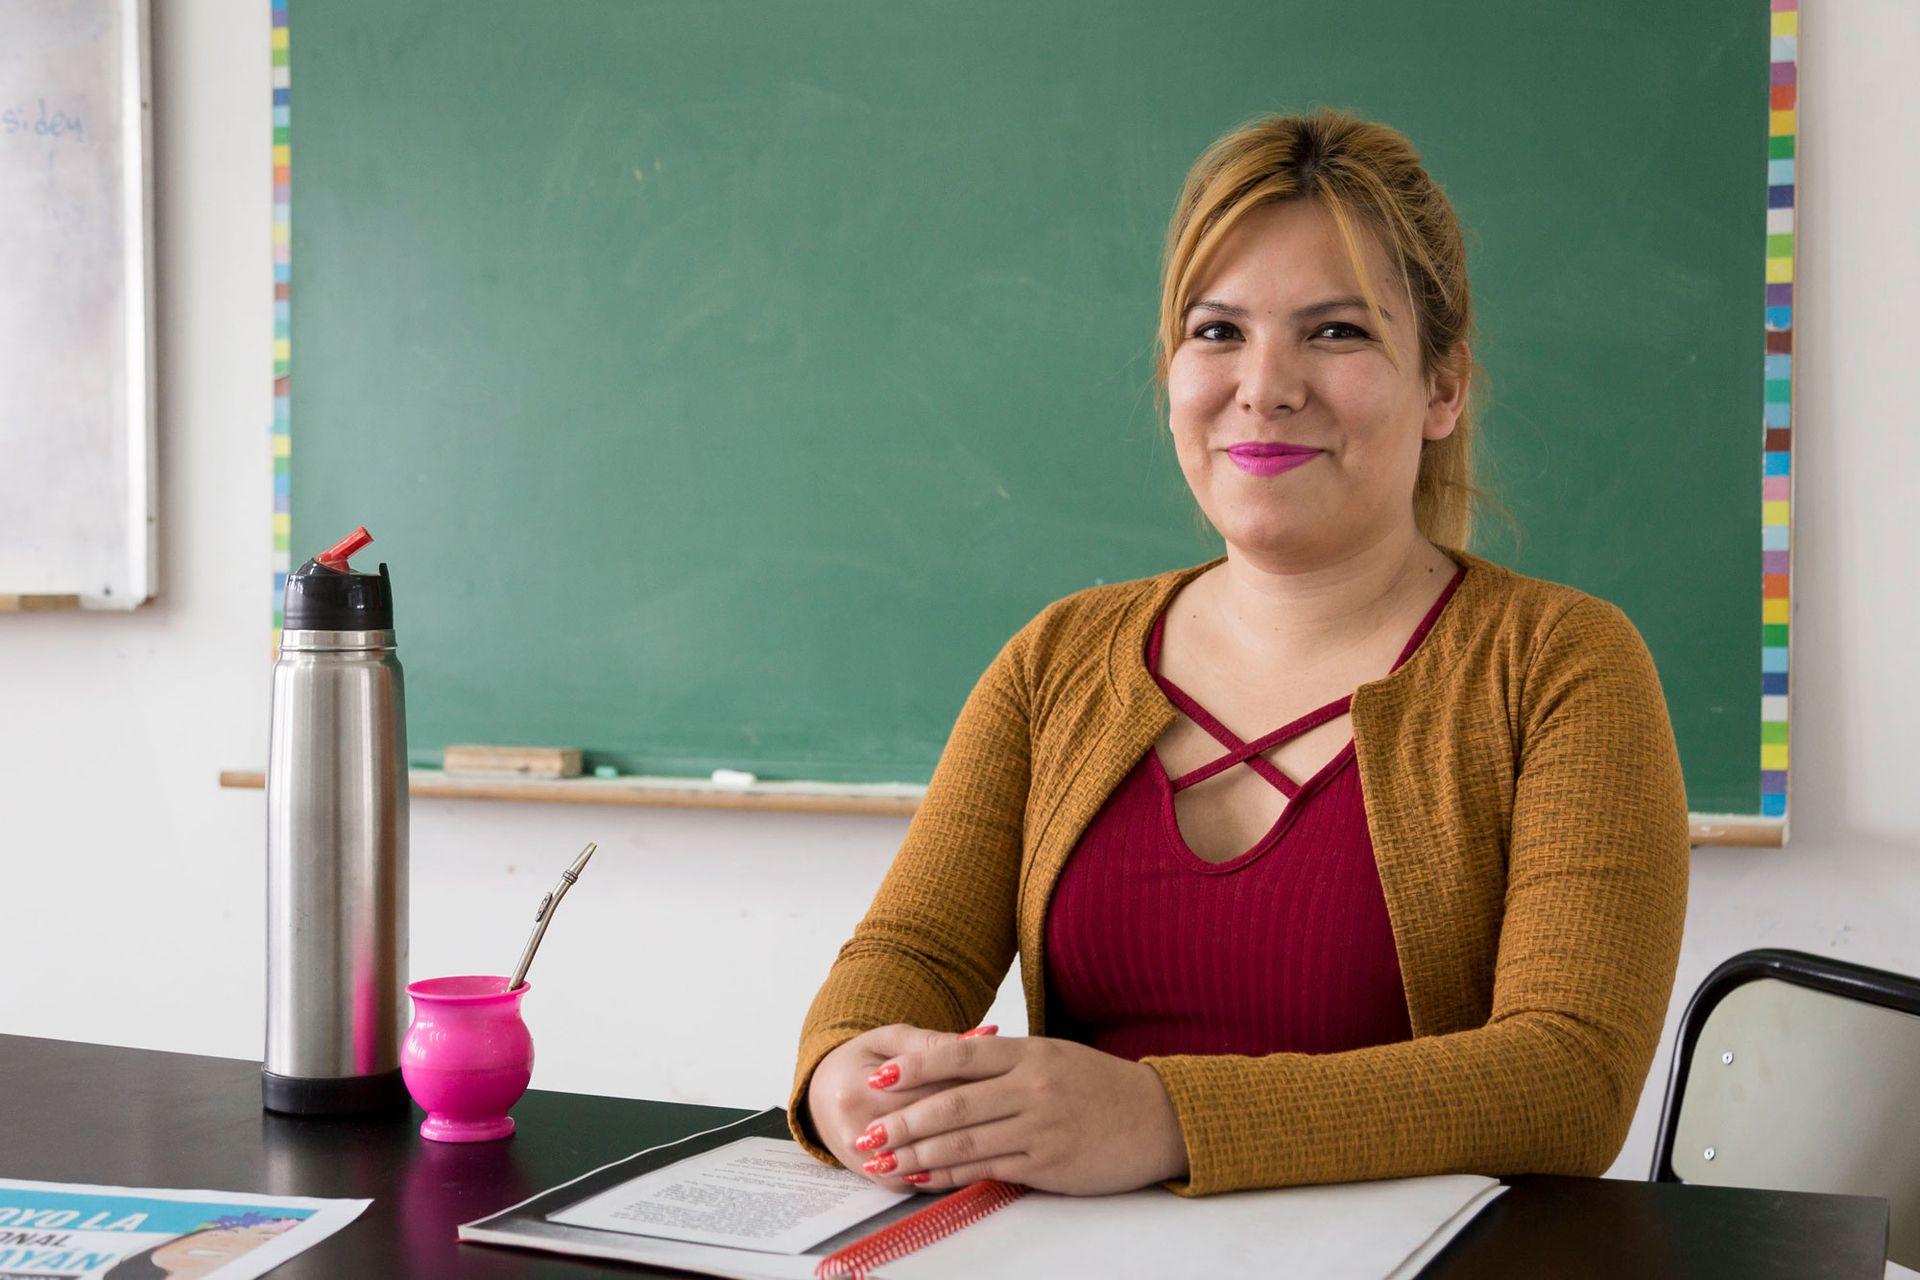 Luli (32) es docente de técnicas de trabajo intelectual, salud y proyectos de formación ocupacional